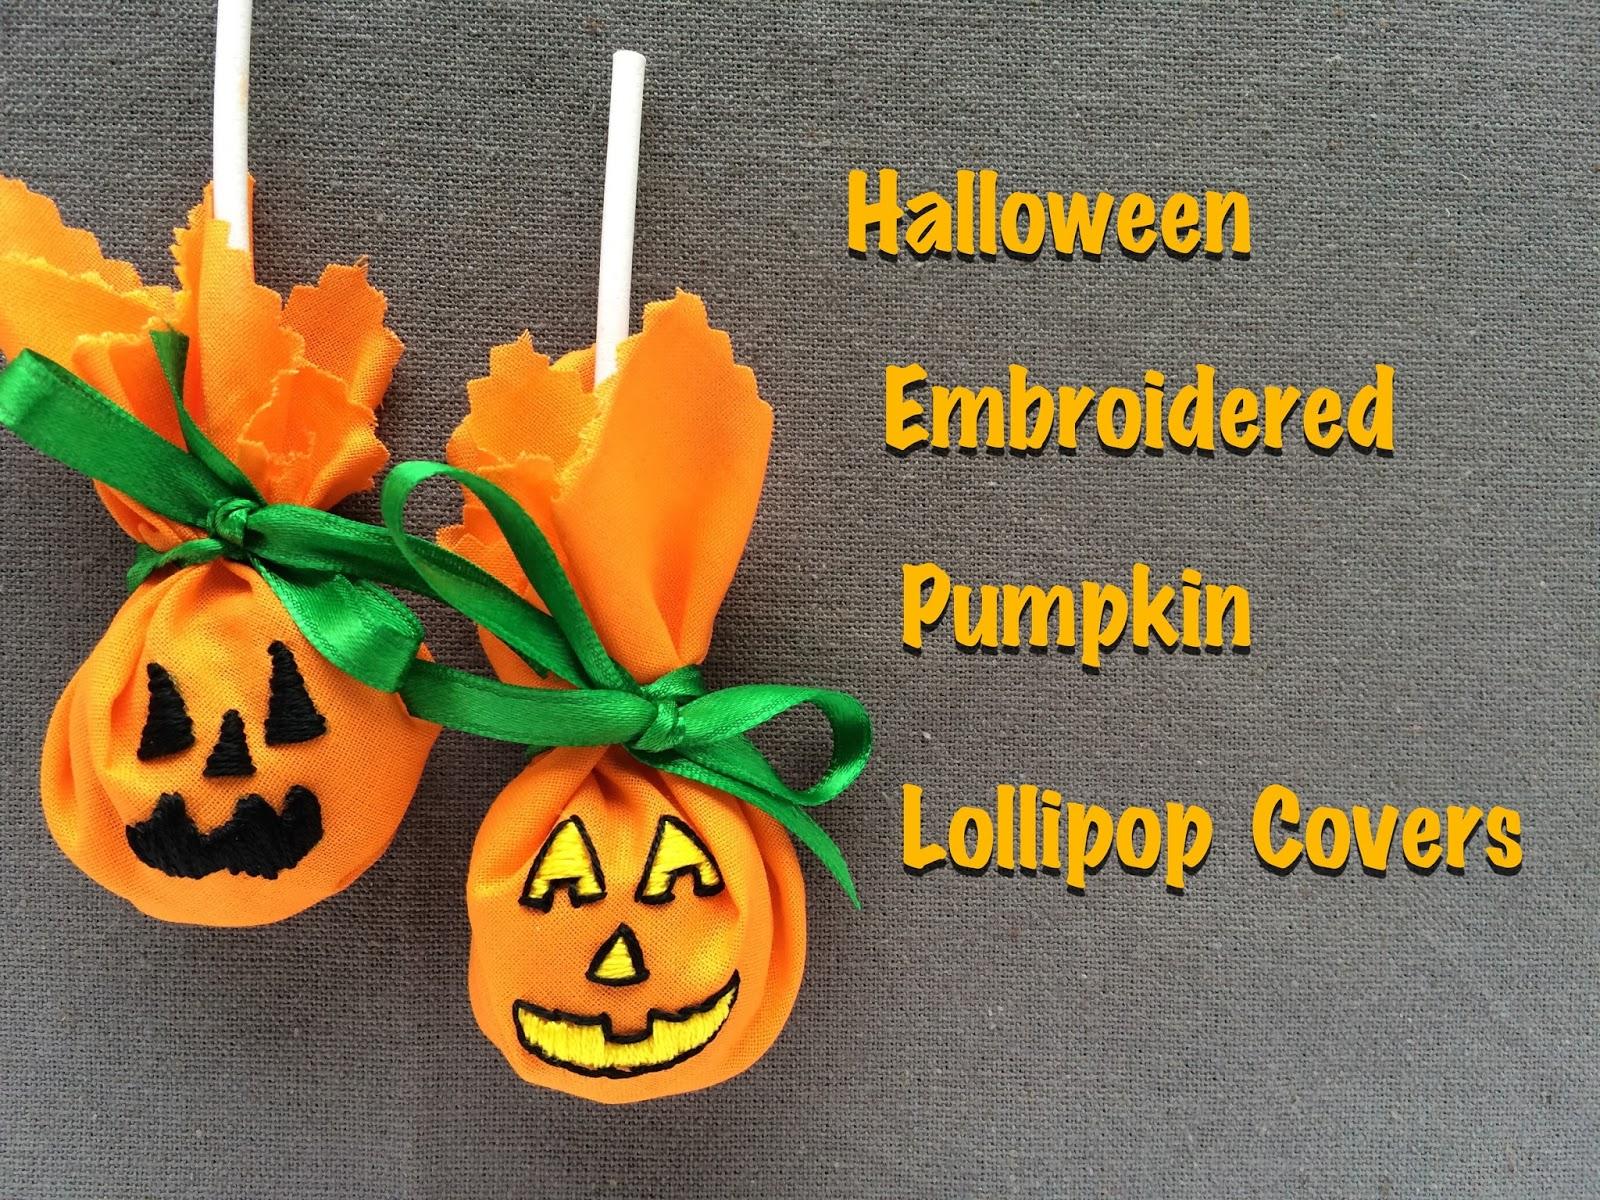 http://1.bp.blogspot.com/-Hm6KXkPZCYc/Vhq2hGk_vPI/AAAAAAAACMc/DgQrxuvNYdE/s1600/pumpkin%2Blollipops.jpg